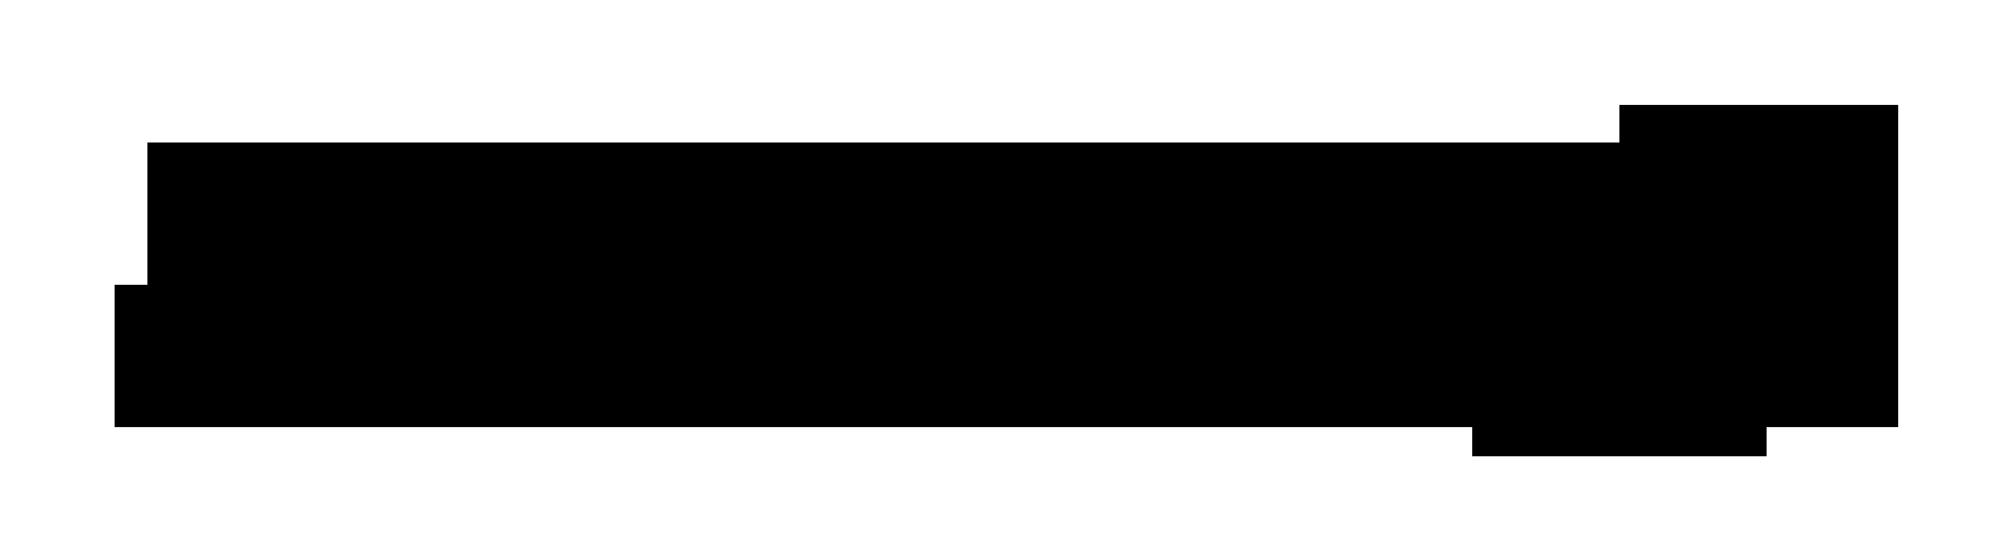 CLOUDROCKER ist eine eingetragene Marke.